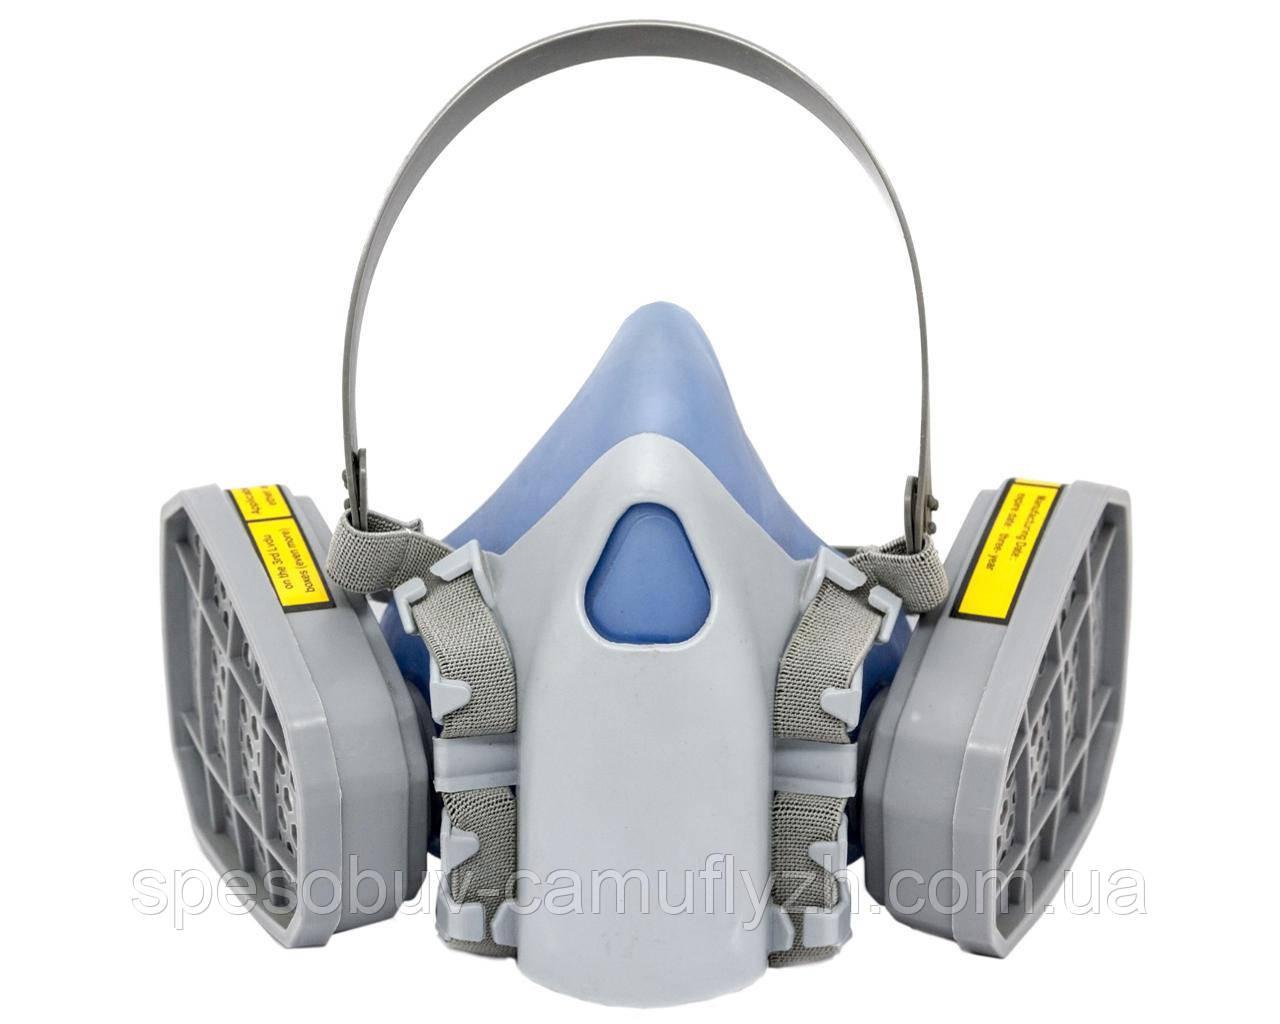 Респиратор маска Химик-2  с двумя фильтрами А1 (аналог 3М 7500) класс защиты FFP2